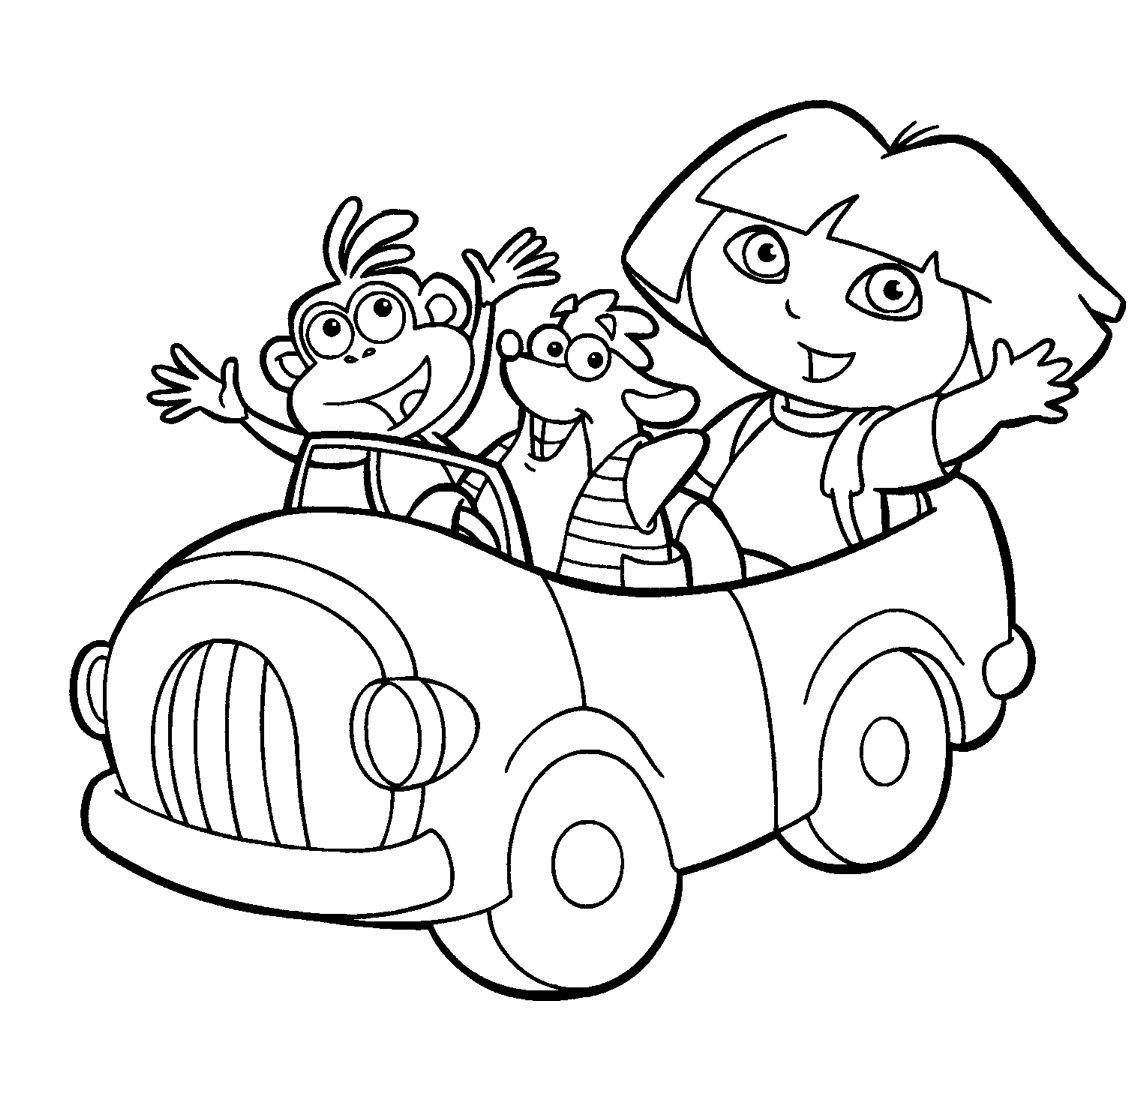 Pintar dibujo para colorear dora la exploradora en coche - Empapelar coche para pintar ...